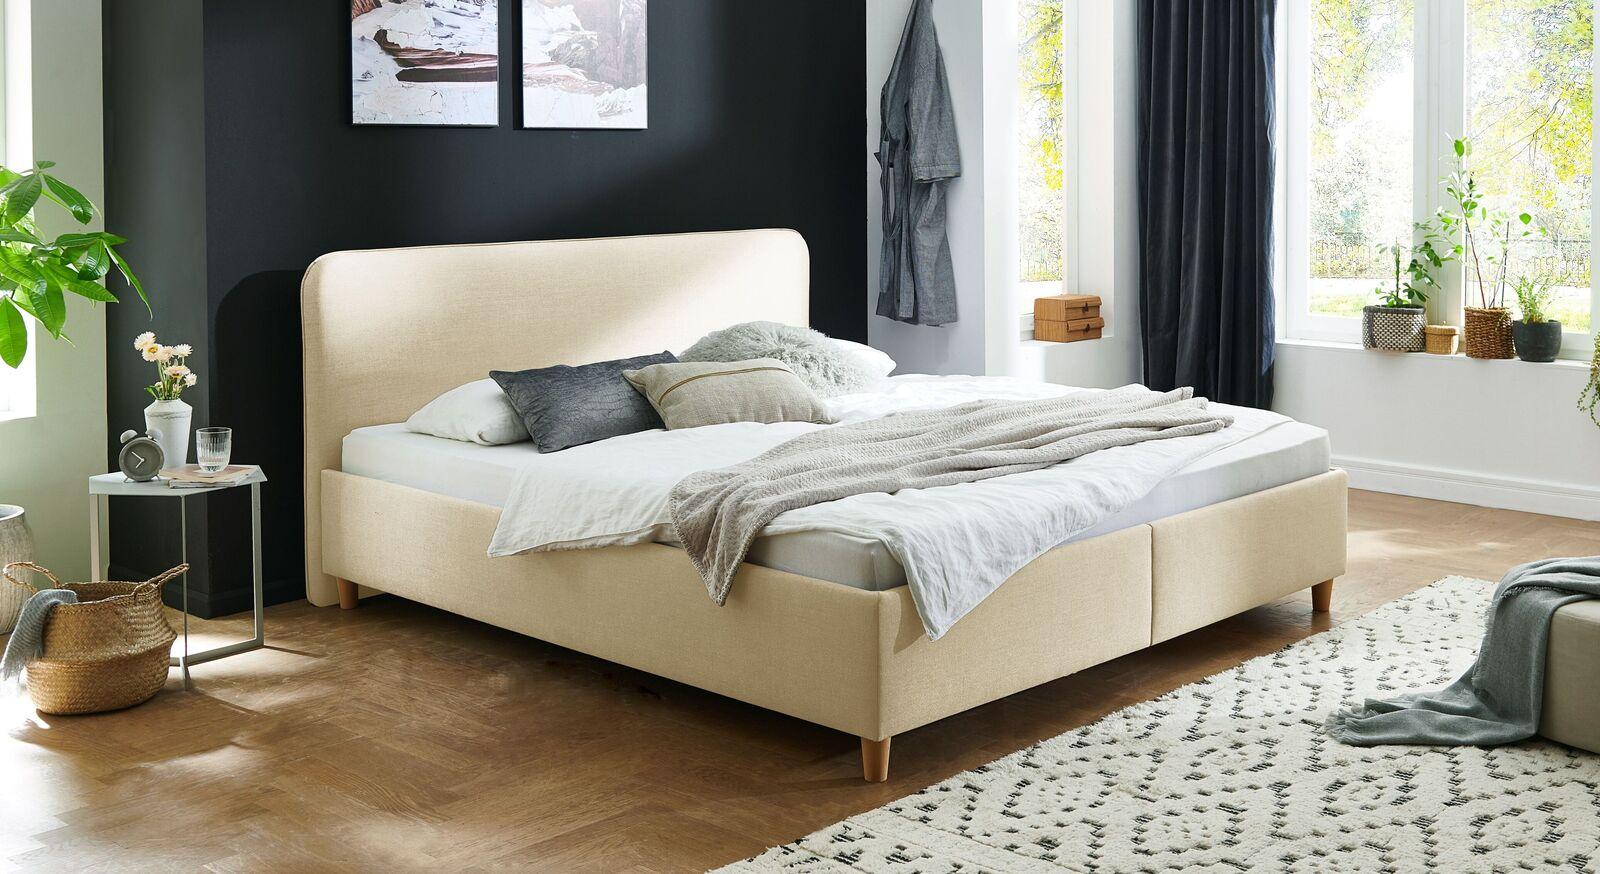 Bett Kannur mit hochwertigem Webstoff in Creme